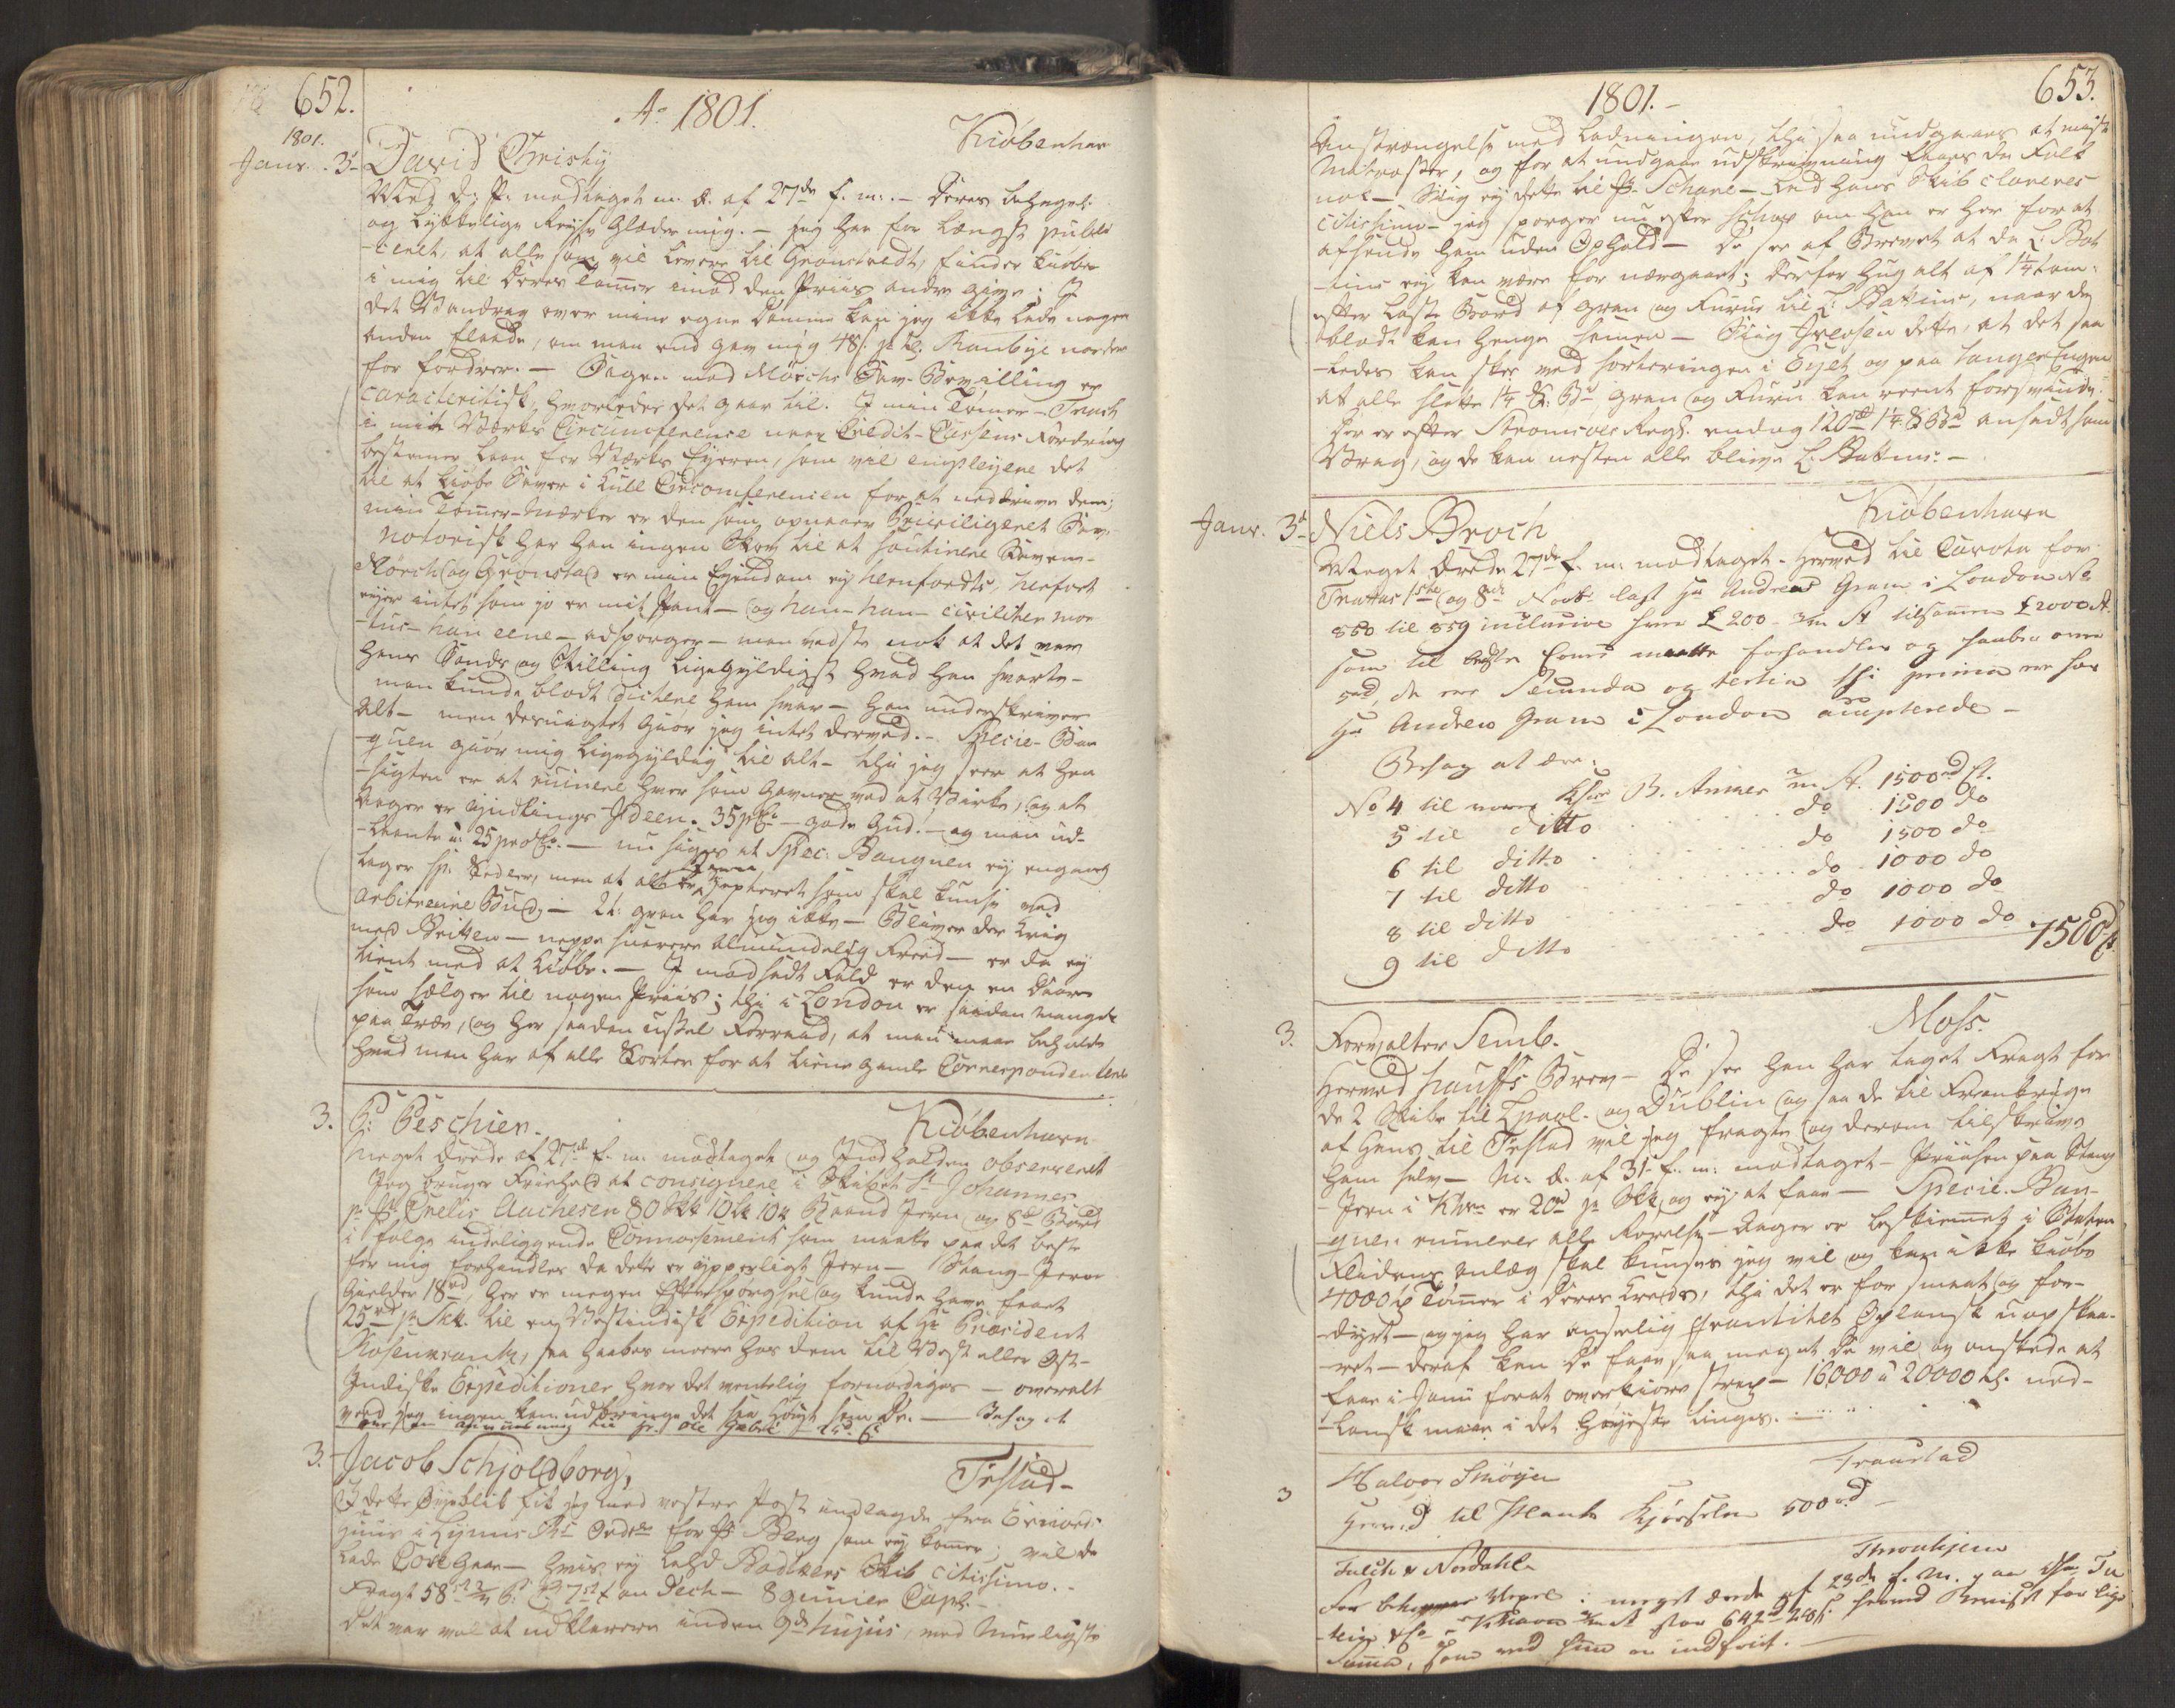 RA, Anker, F/Fa/Gea/L0002, 1798-1801, s. 652-653